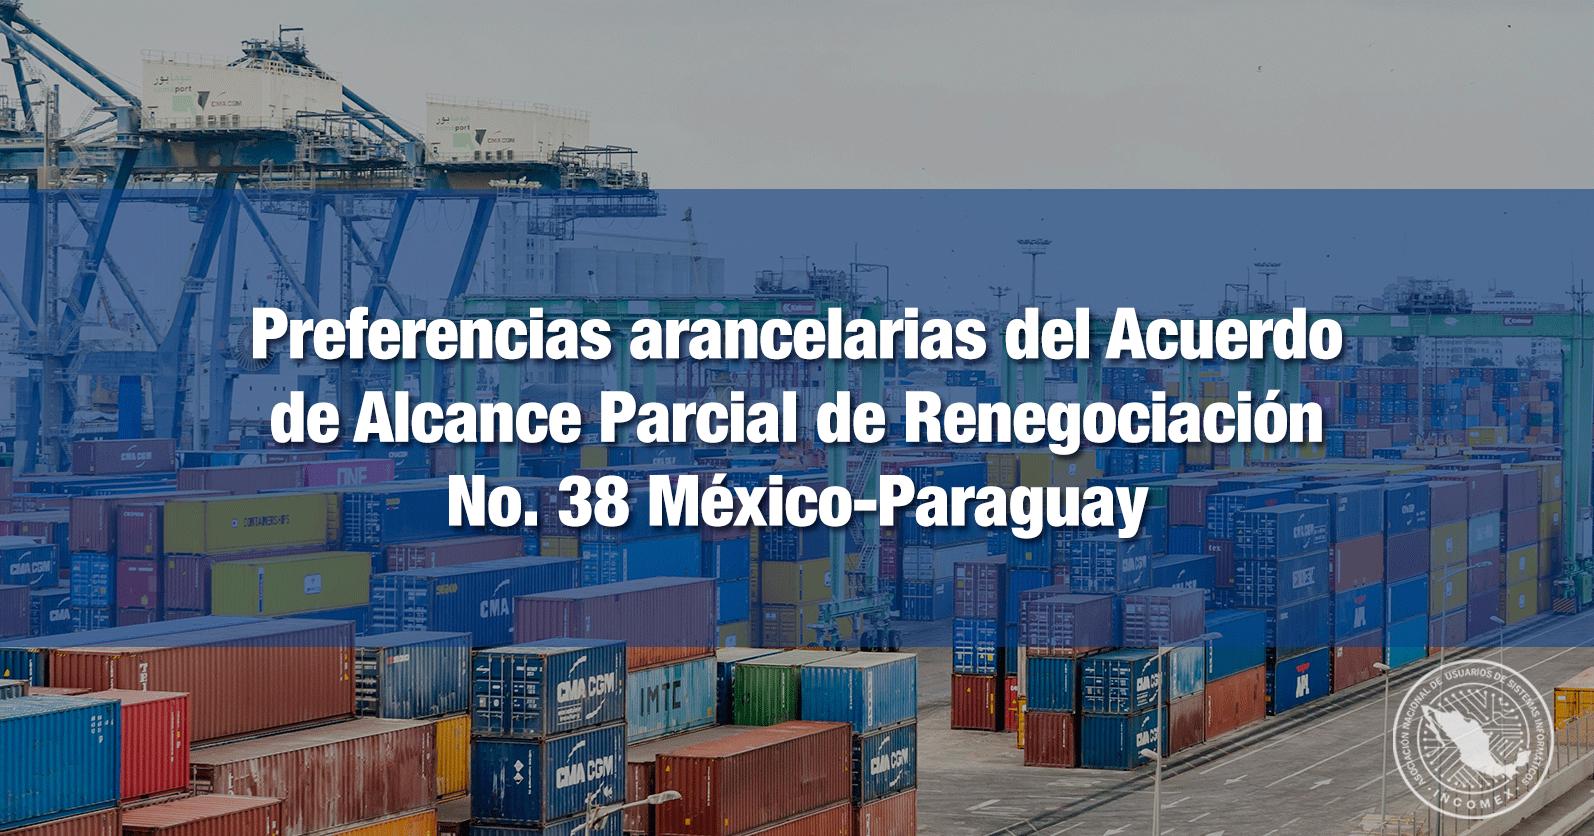 Preferencias arancelarias del Acuerdo de Alcance Parcial de Renegociación No. 38 México-Paraguay